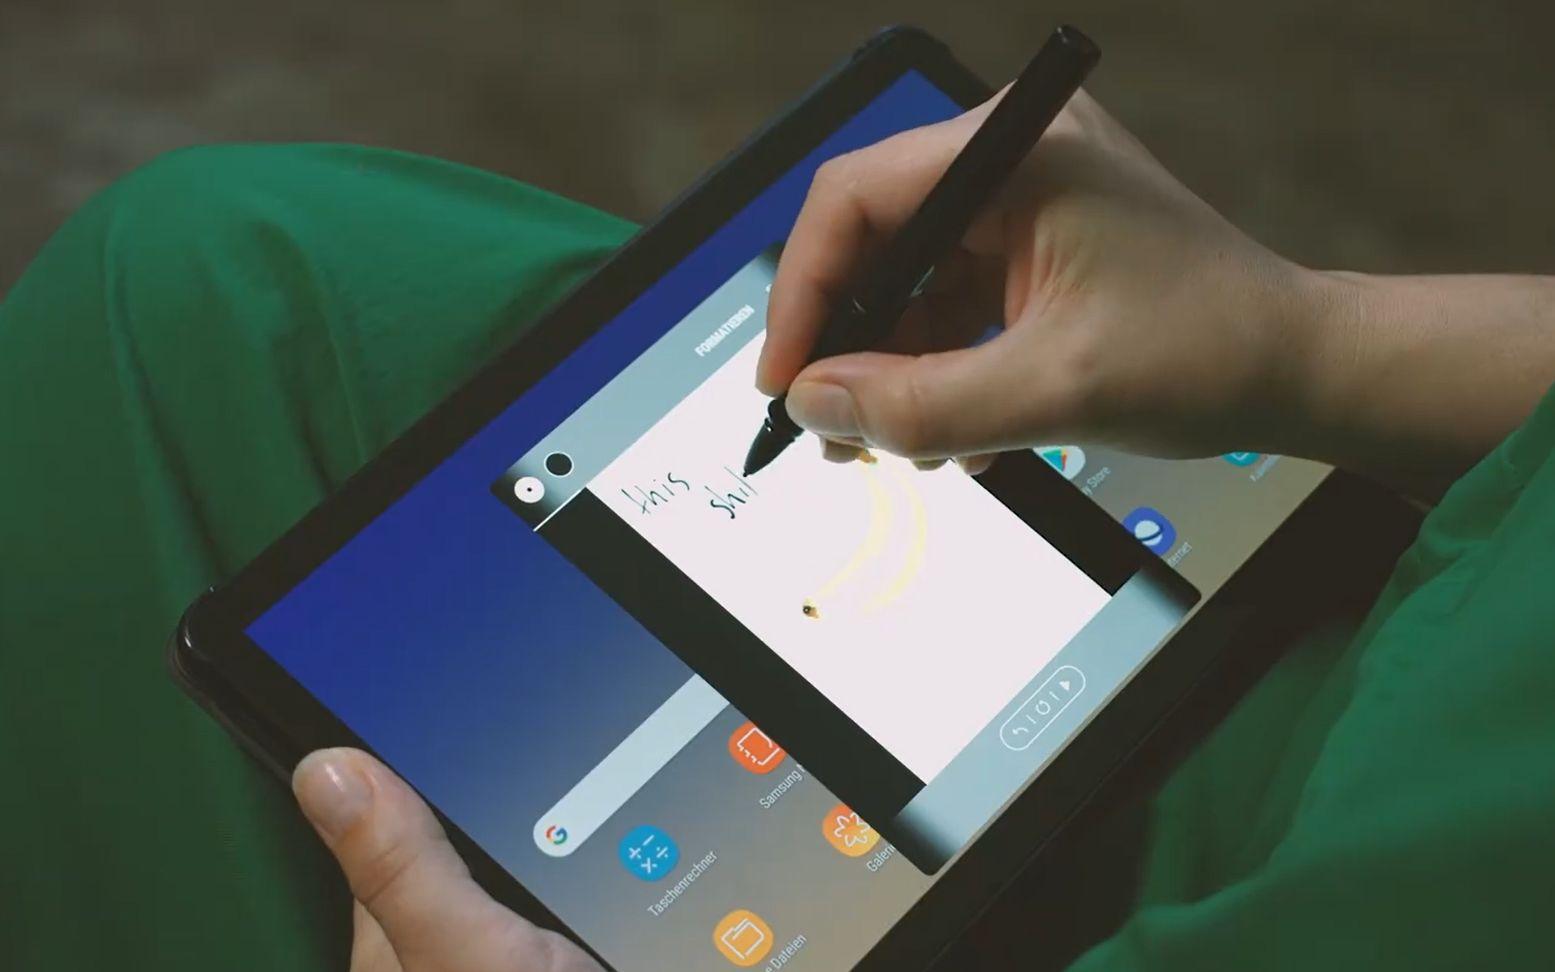 支持三星Galaxy Note等平板或智能手机!凌美LAMY AL-star手写触控笔介绍